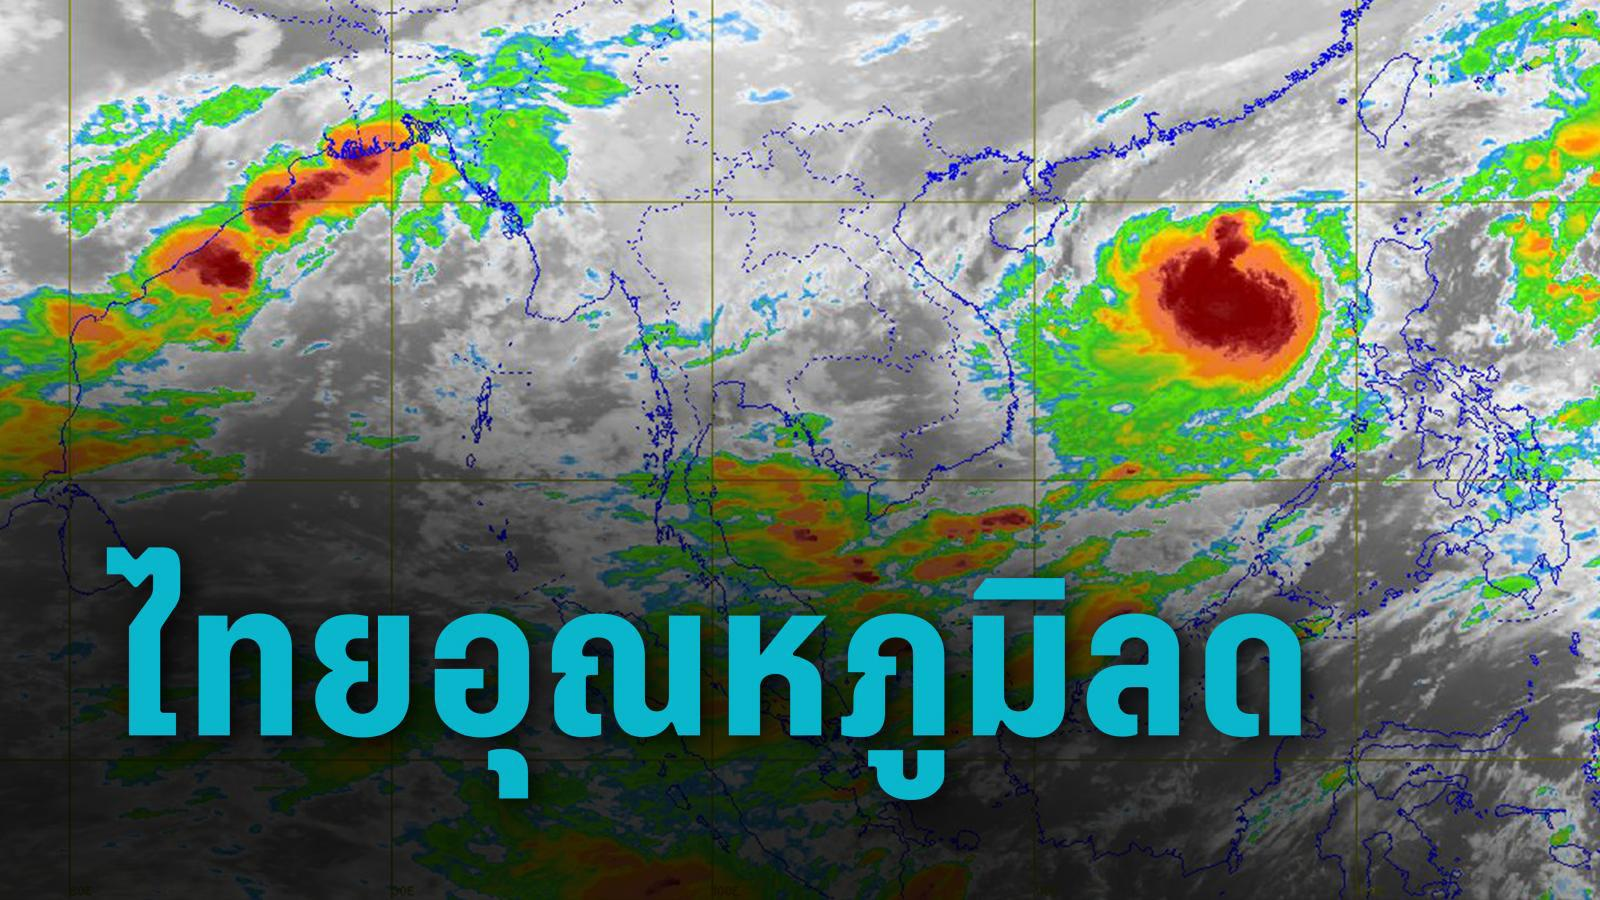 กรมอุตุฯ เผย ไทยฝนตกน้อยลง อุณหภูมิลด 1-2 องศา